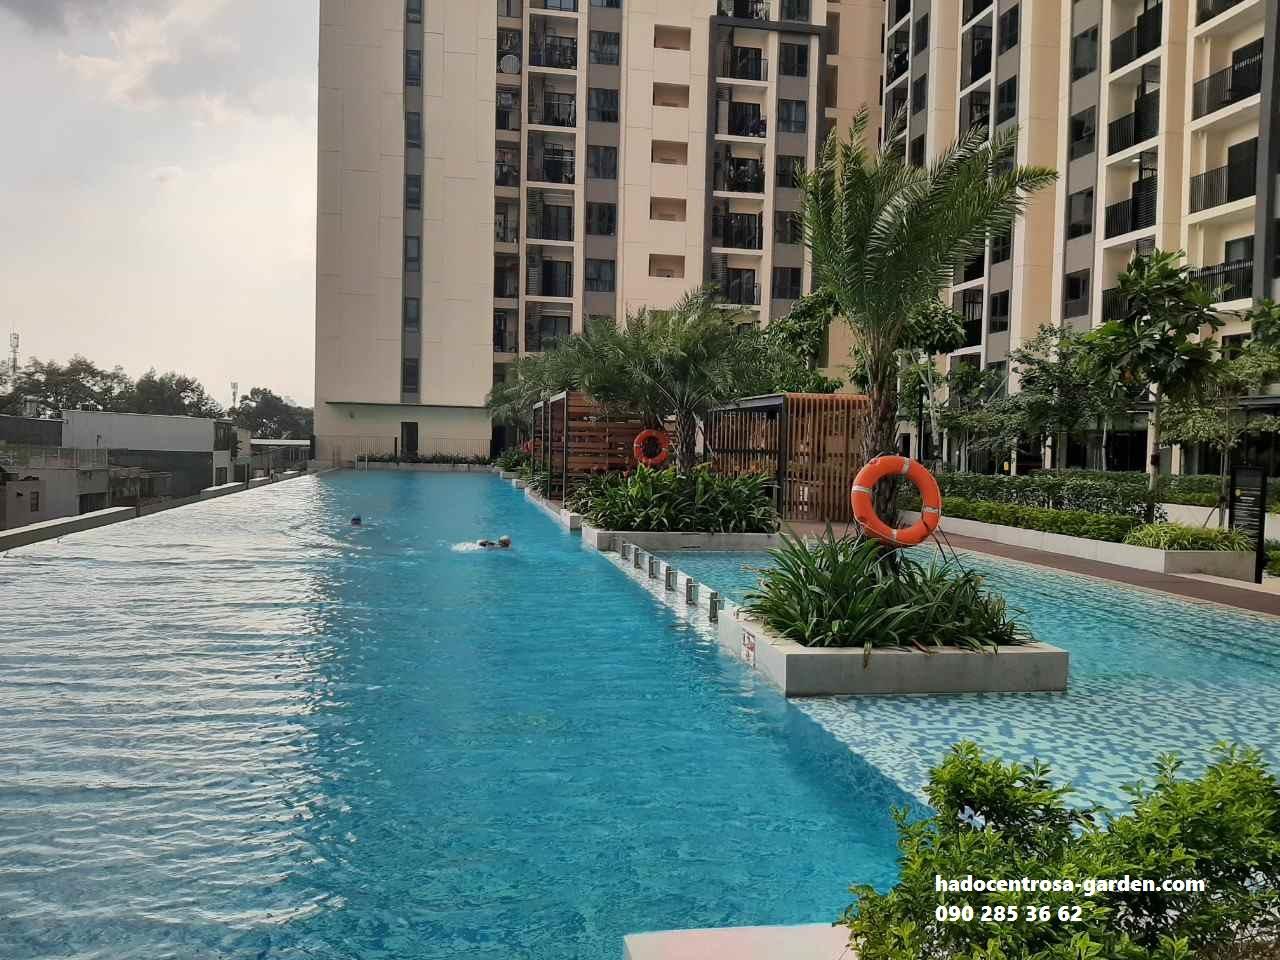 Hồ bơi tràn chung cư hà đô centrosa